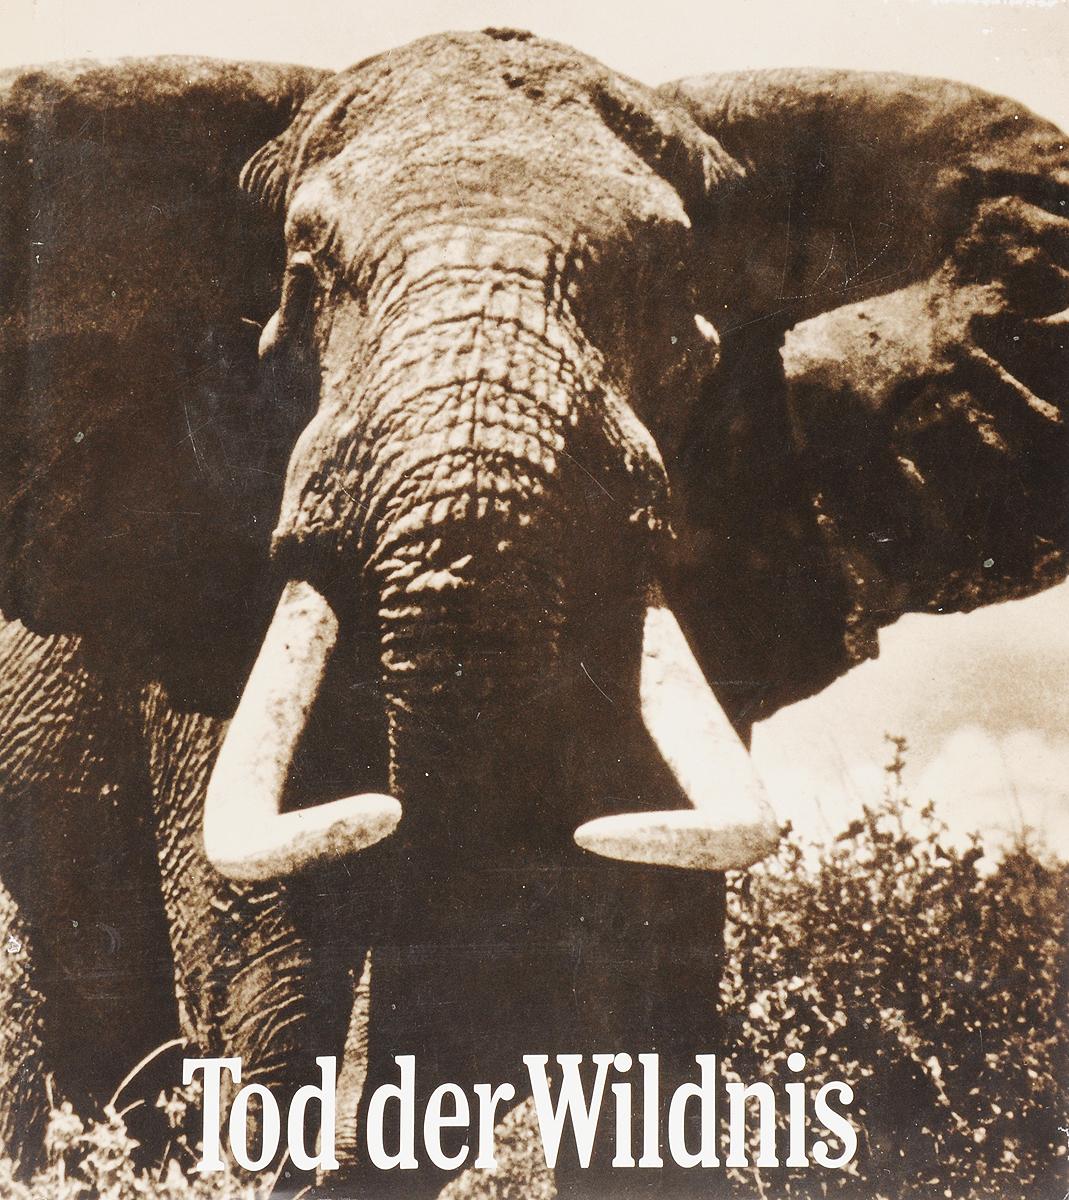 Peter H. Beard Tod der Wildnis женские сапоги tod s tod s 2014